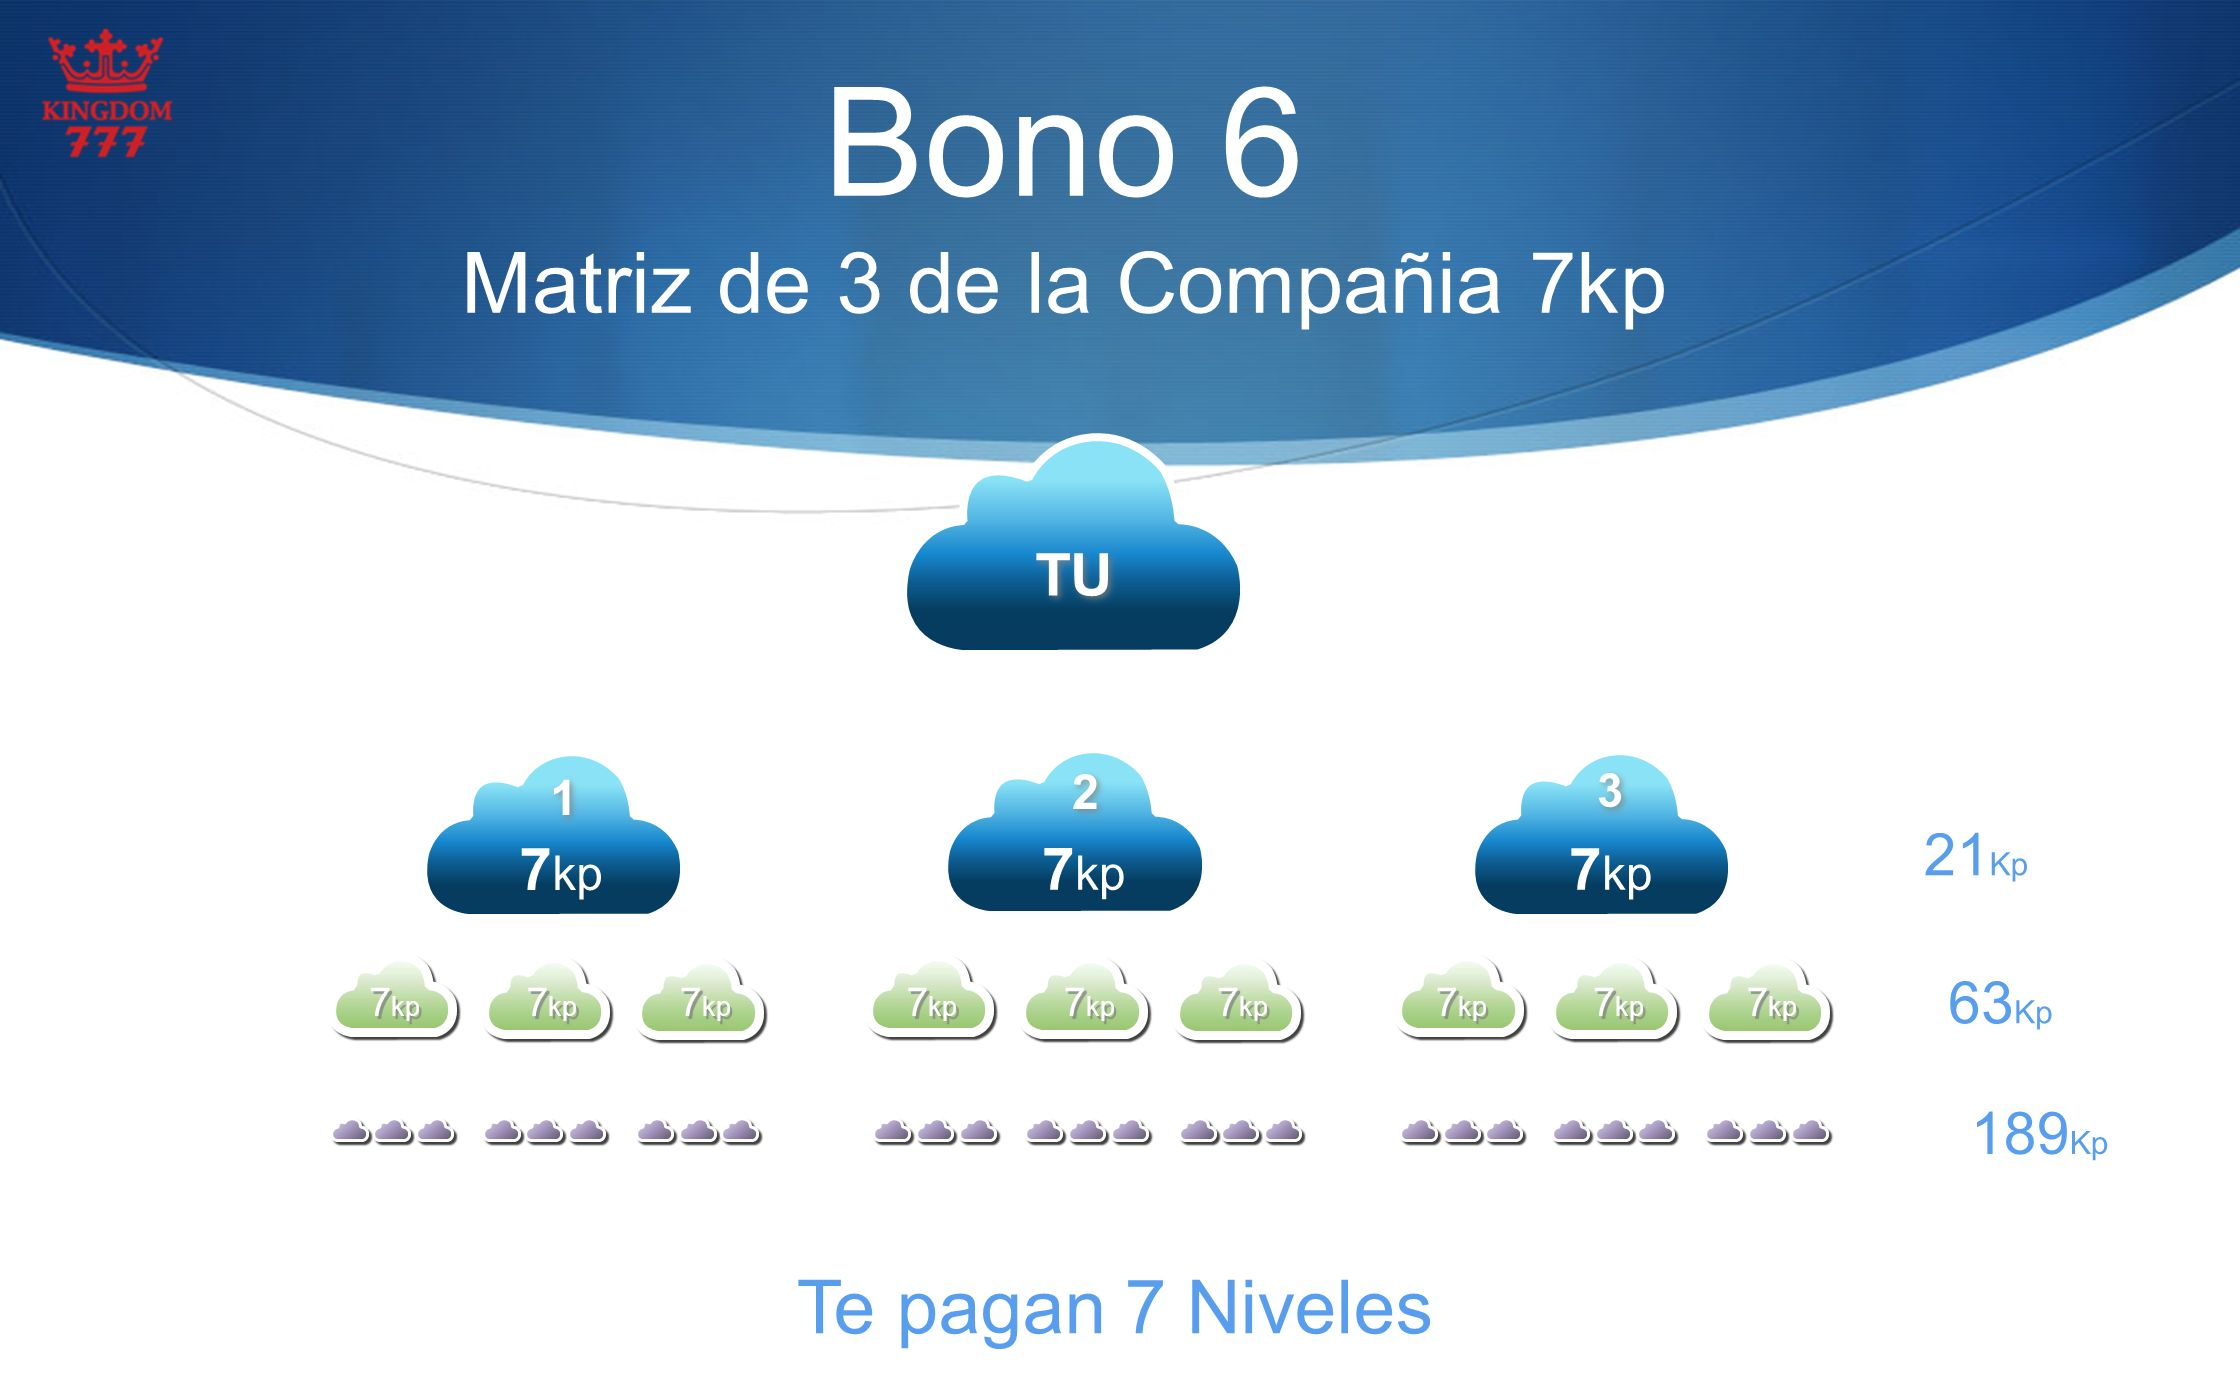 Bono 6 Matriz de 3 de la Compañia 7kp TU 2 2 7 kp 1 1 3 3 Te pagan 7 Niveles nivel 1 21 Kp nivel 2 63 Kp nivel 3 189 Kp